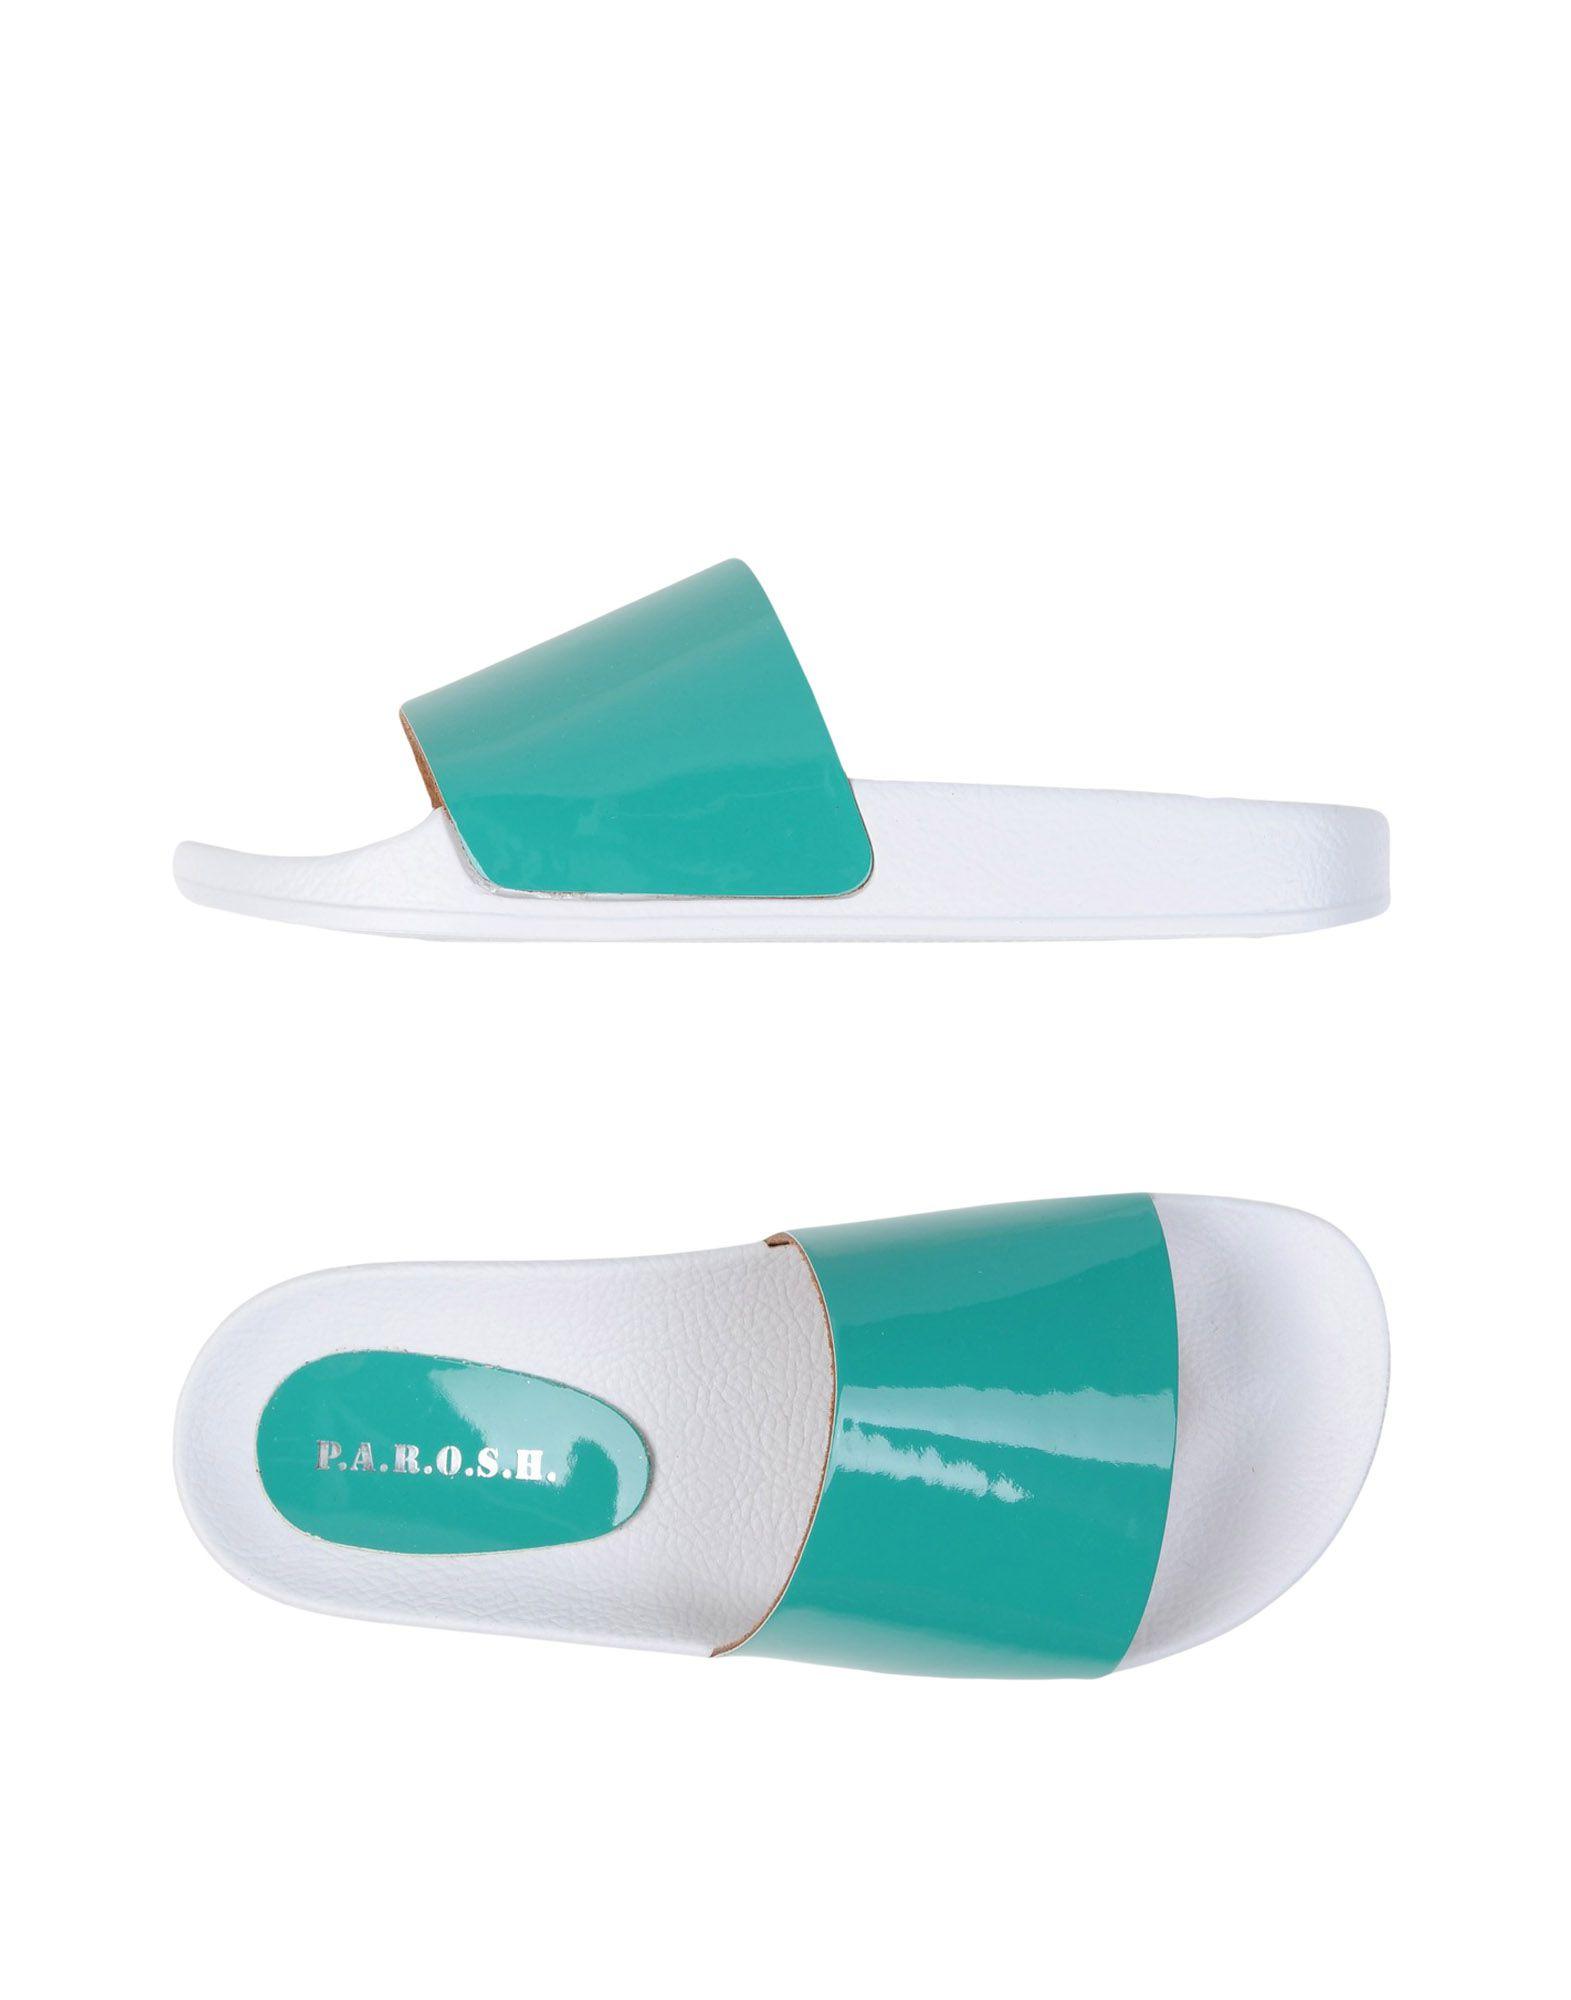 P.A.R.O.S.H. Sandalen Damen  11111868IH Gute Qualität beliebte Schuhe Schuhe Schuhe b72a8d